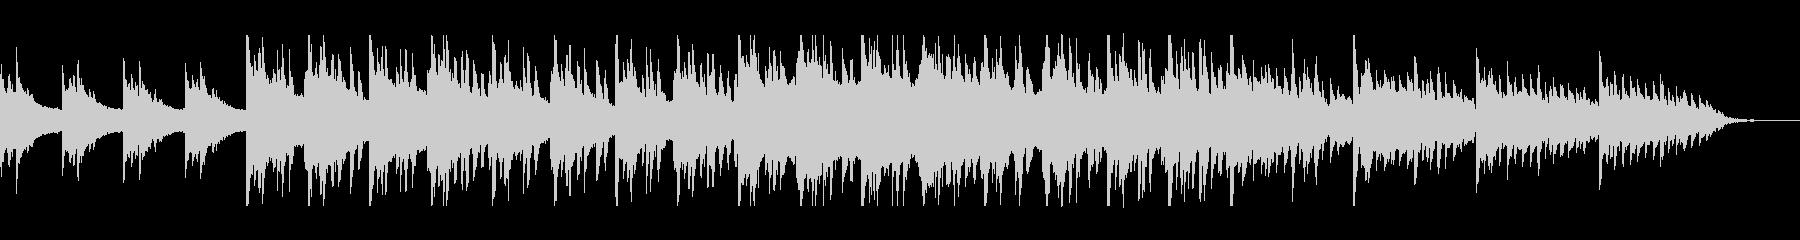 幻想的なピアノのヒーリング曲の未再生の波形